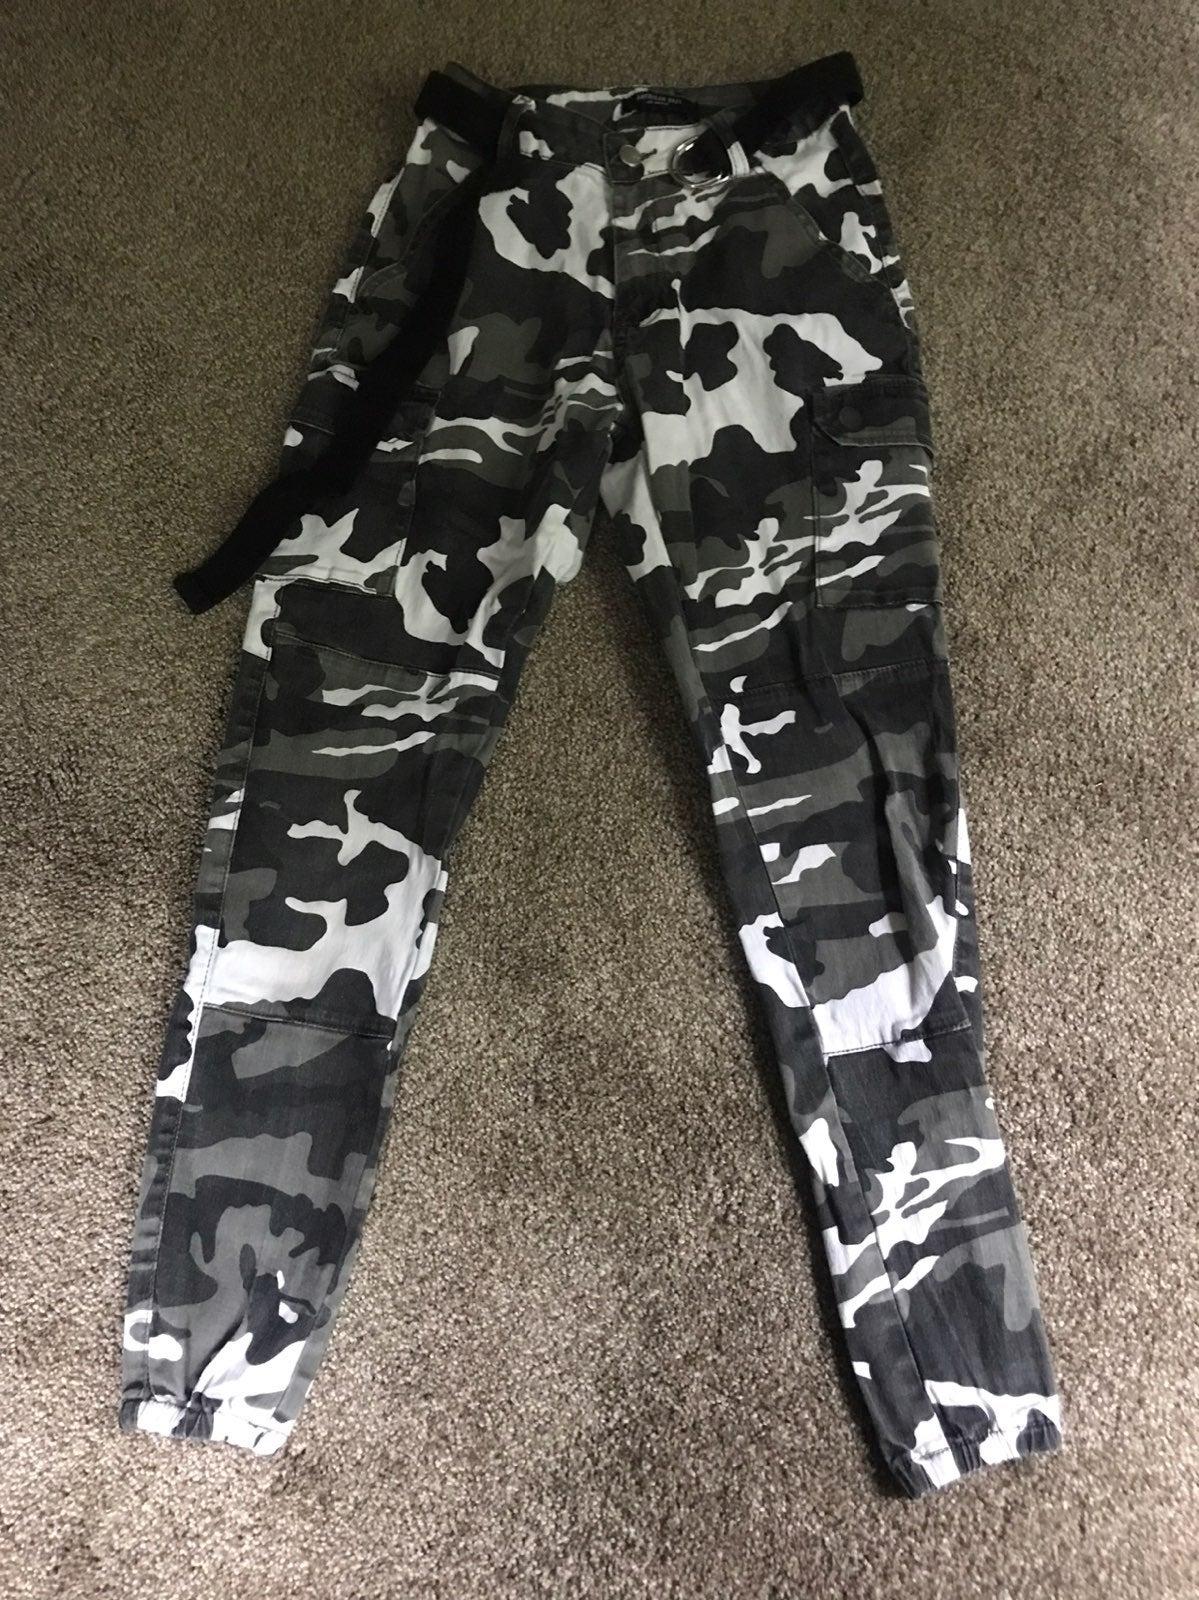 Black Camo Crago-pants